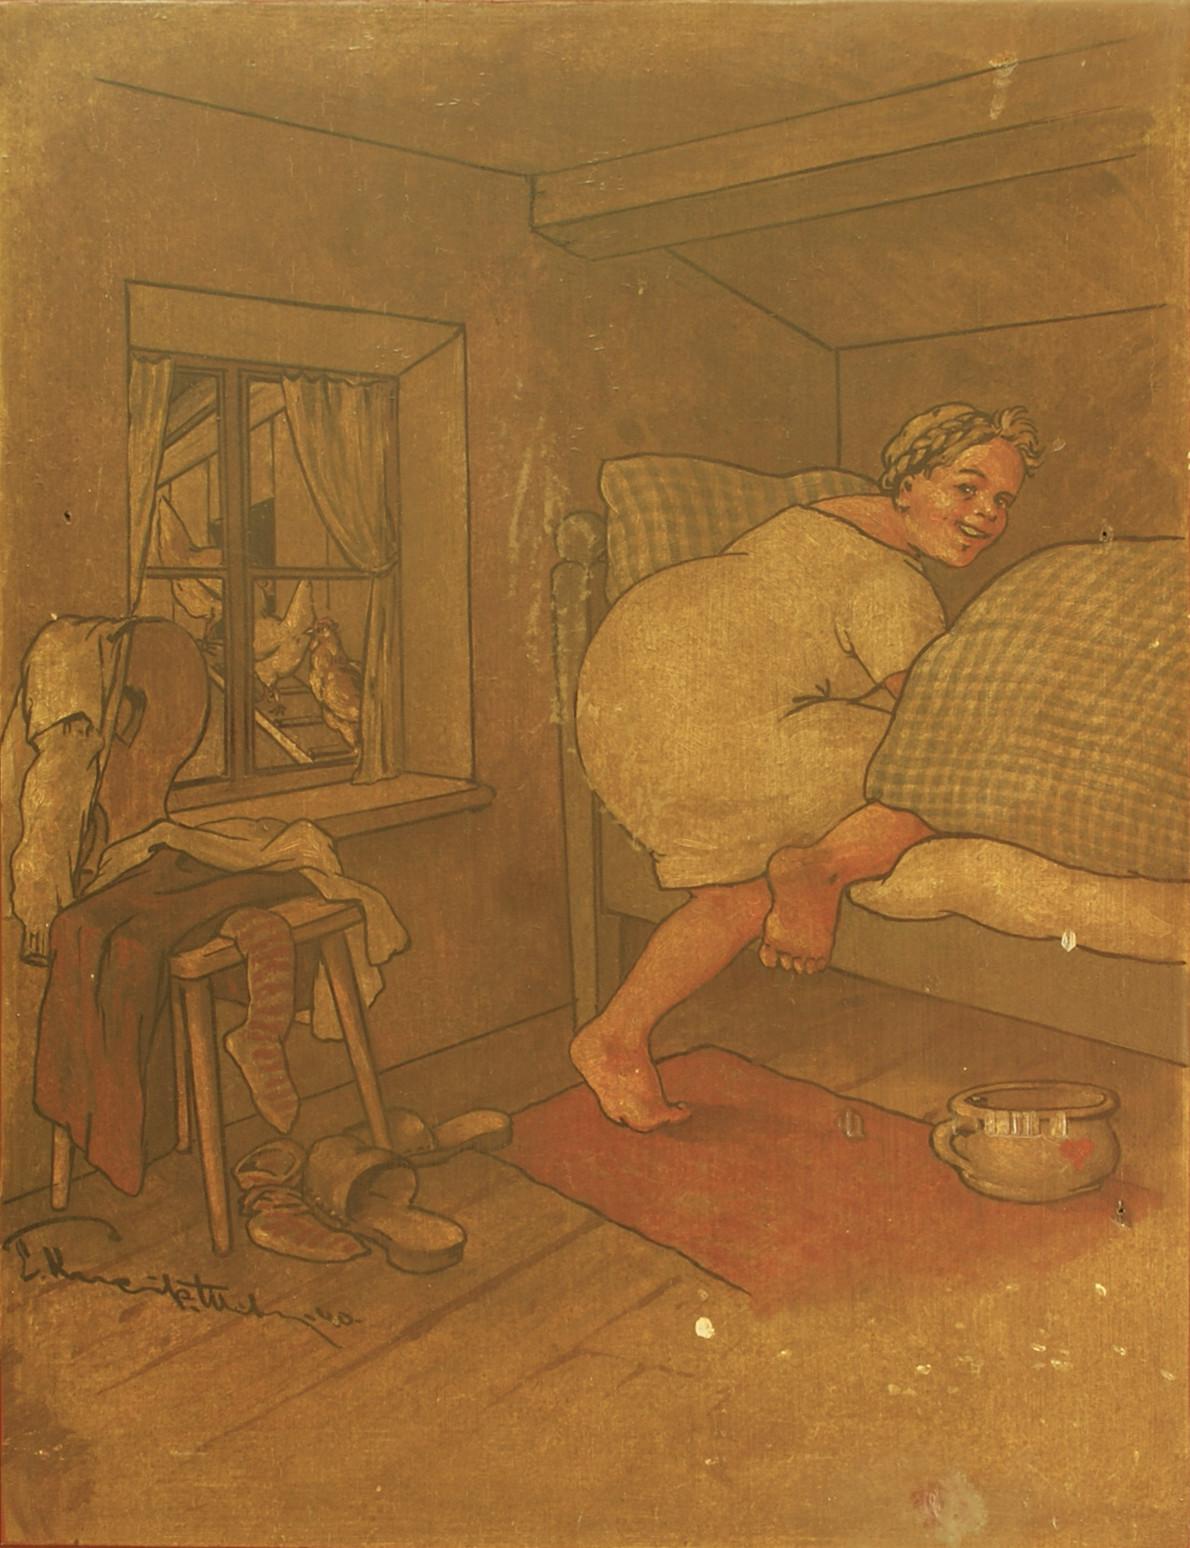 Türfüllung I: Eine hübsche Schöne mit Gretlfrisur geht 'mit den Hühnern' zu Bett